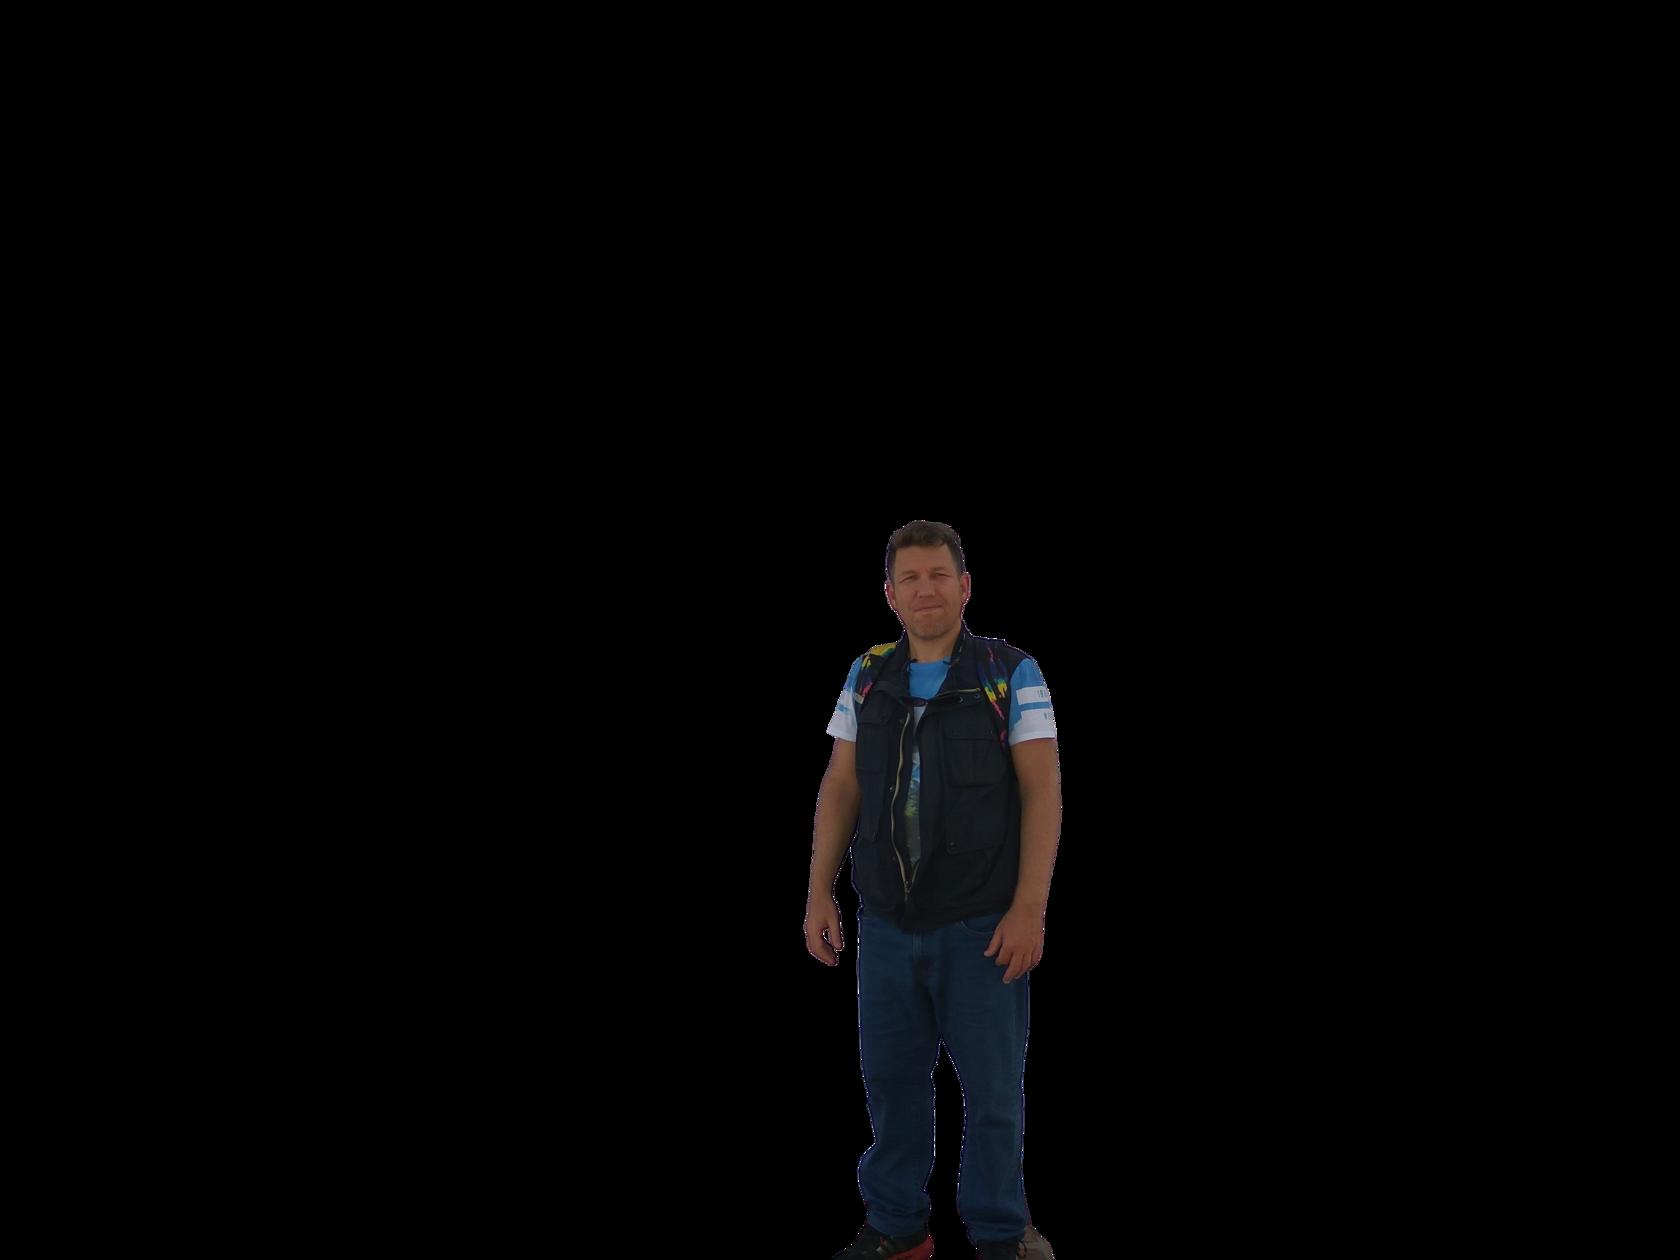 Менеджер Youtube каналов и Таргетолог Дмитрий Зайцев Годяцкий Создание сайтов и лендингов Настройка рекламы Продвижение ютуб каналов